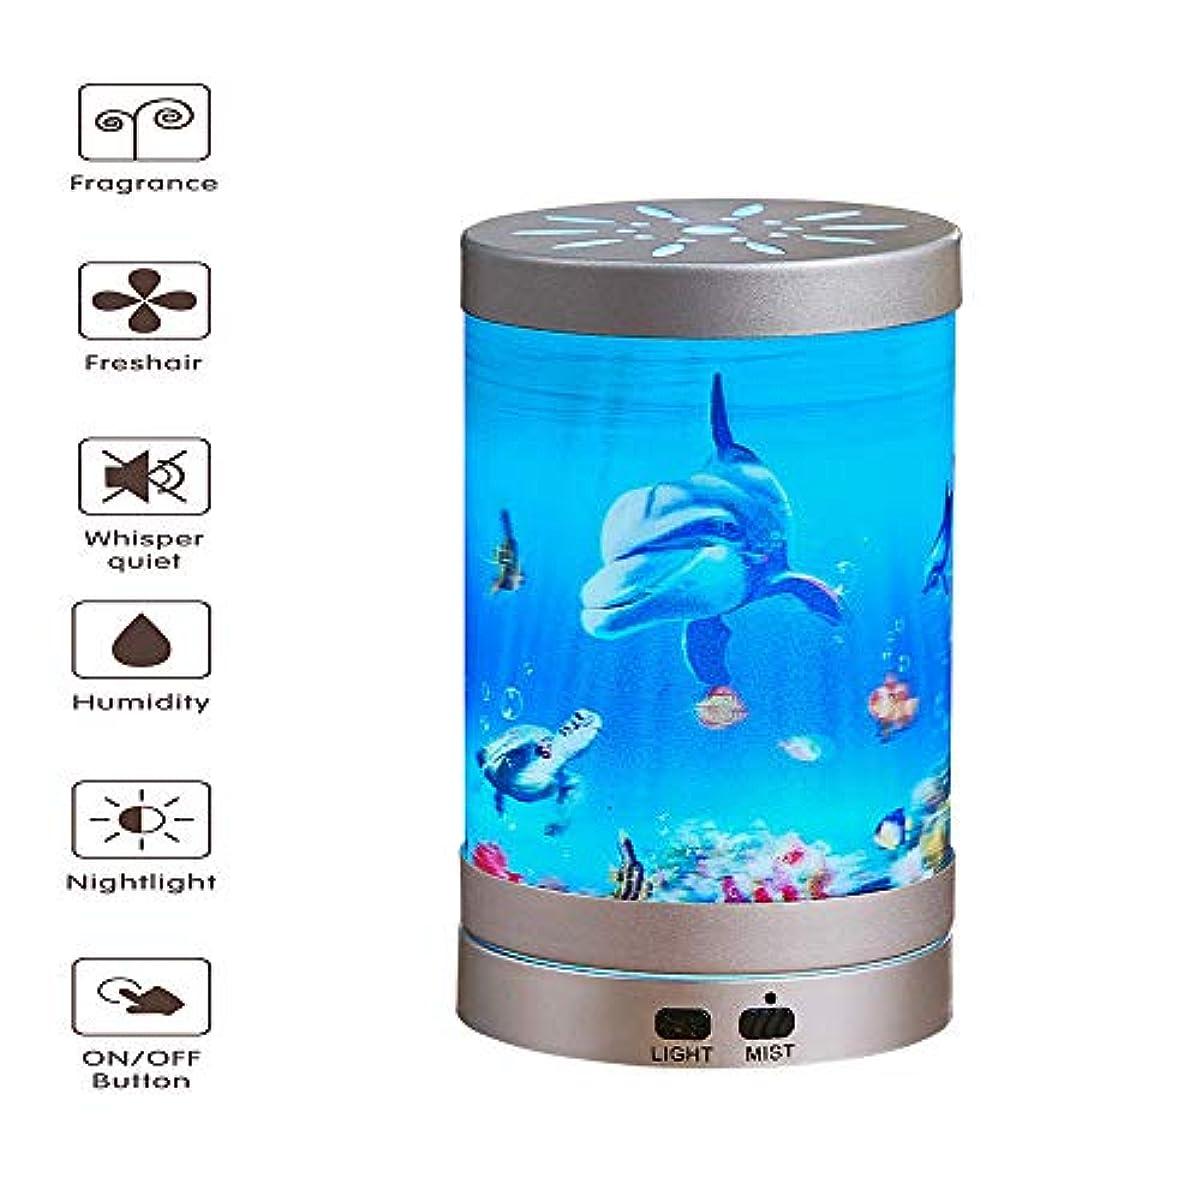 アルネ電圧者アロマディフューザー - 超音波空気加湿器LEDナイトライト7色交換水なし自動シャットダウン(海底世界200ml)